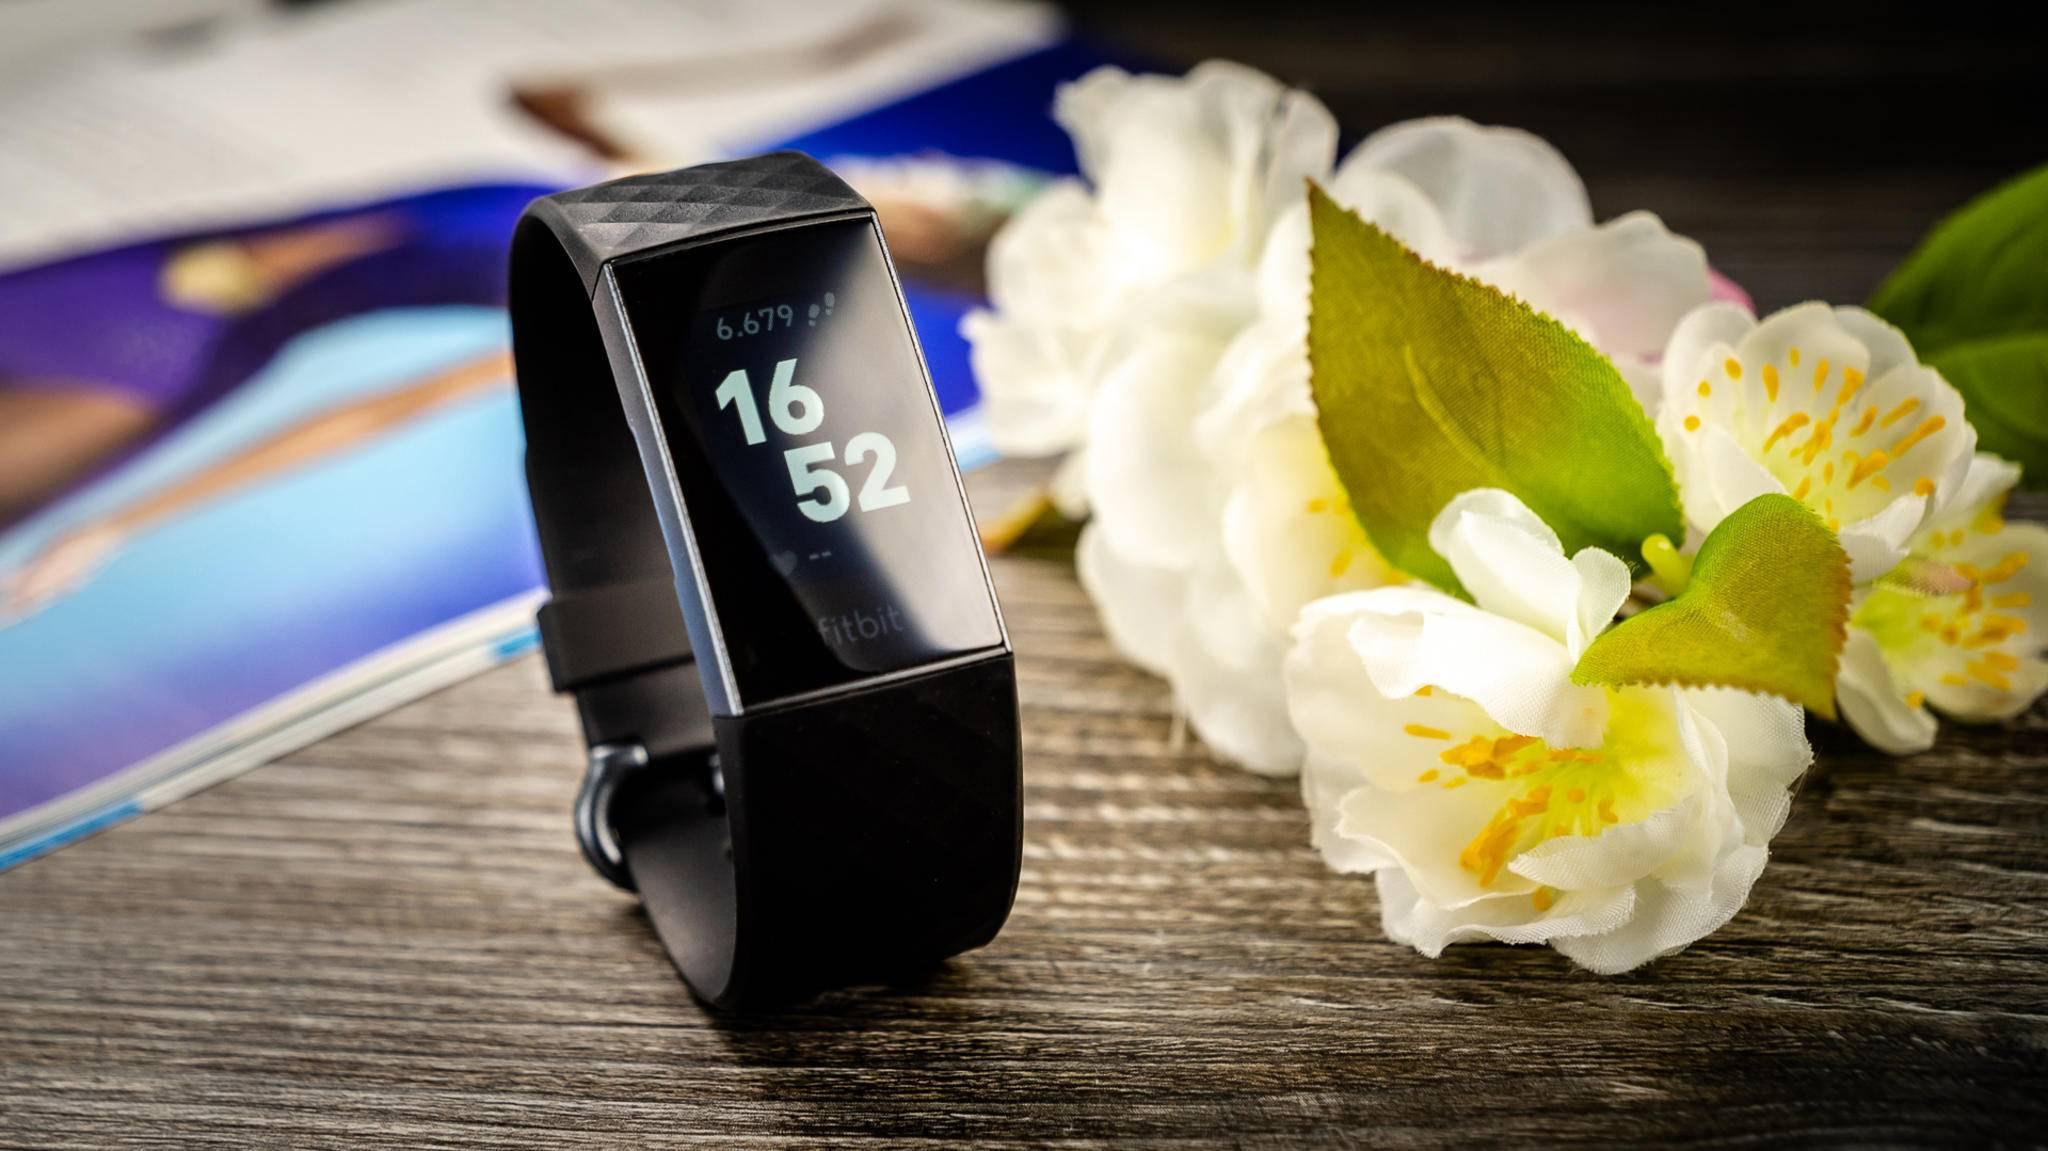 Macht der Tracker Schwierigkeiten? Kein Problem, die Fitbit Charge 3 lässt sich sowohl neustarten als auch zurücksetzen.